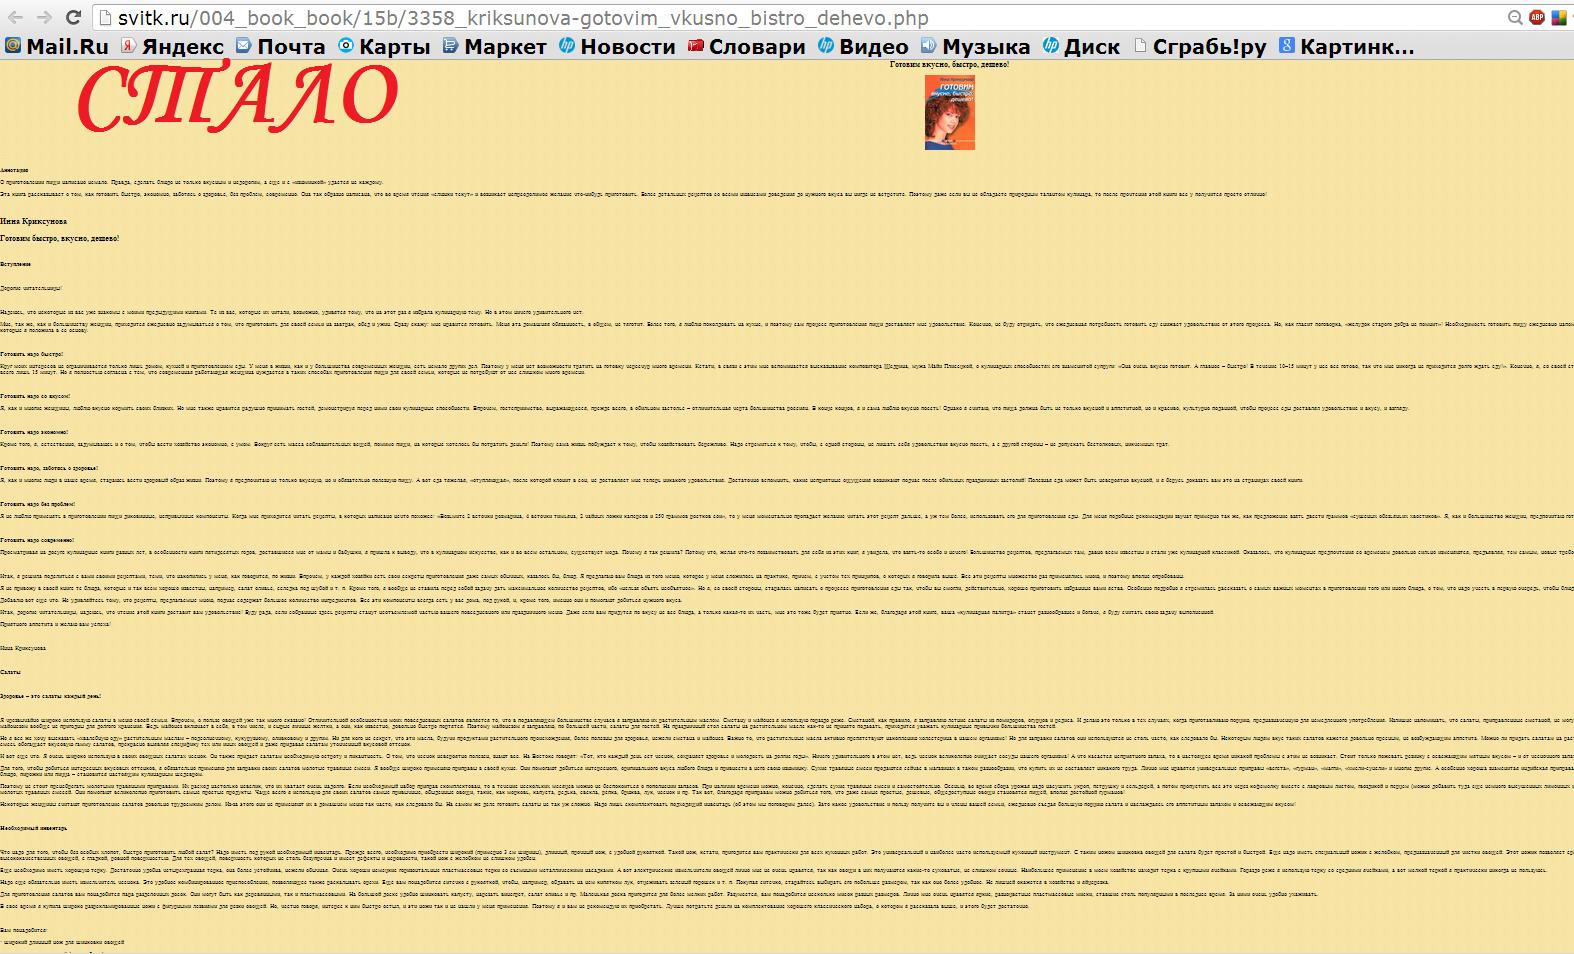 Как скачать формат pdf на ipad - 42